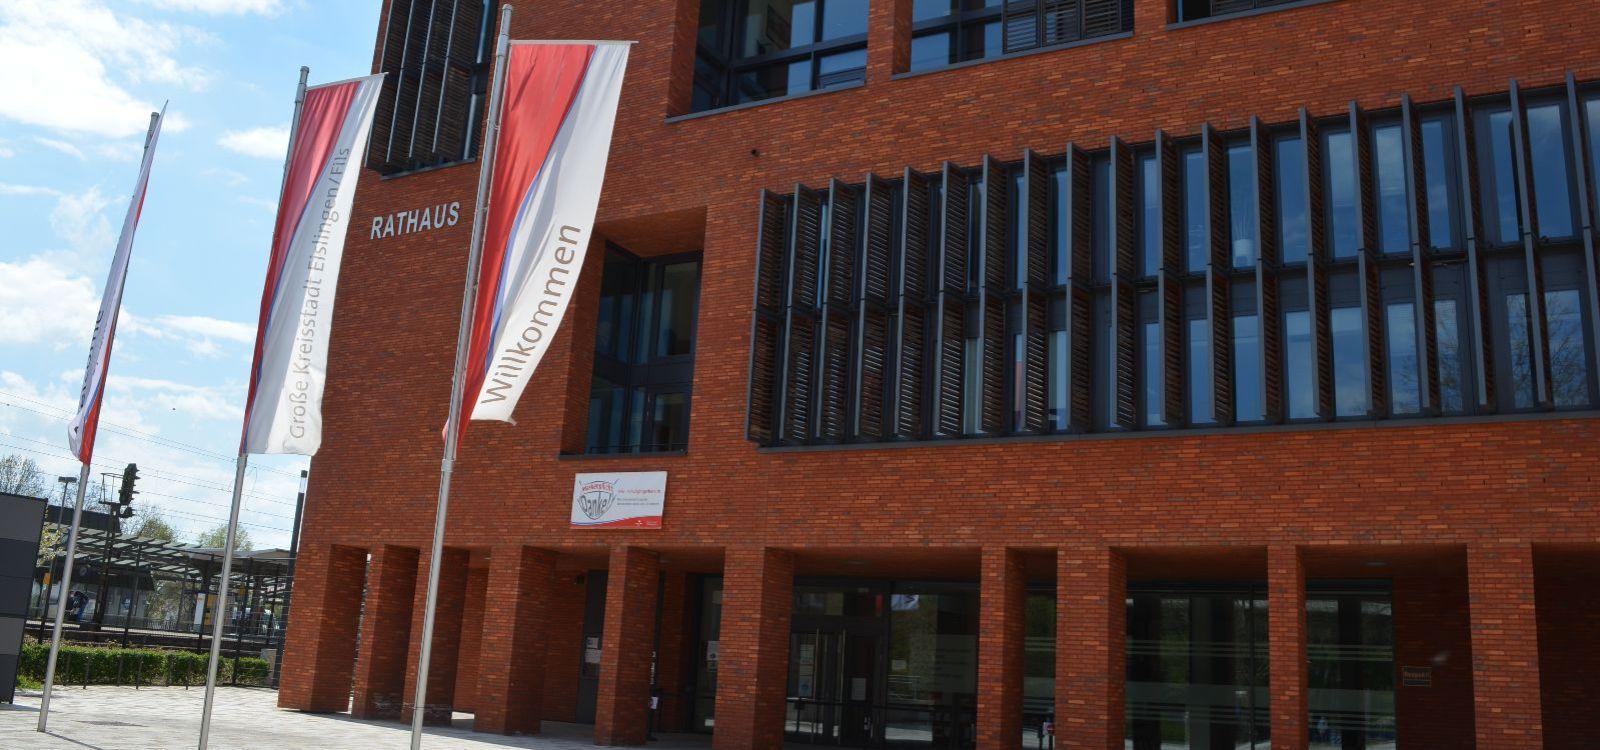 Das rote Rathaus von vorne. Davor drei Fahnen mit der Aufschrift Wilkommen. Der Himmel ist blau.